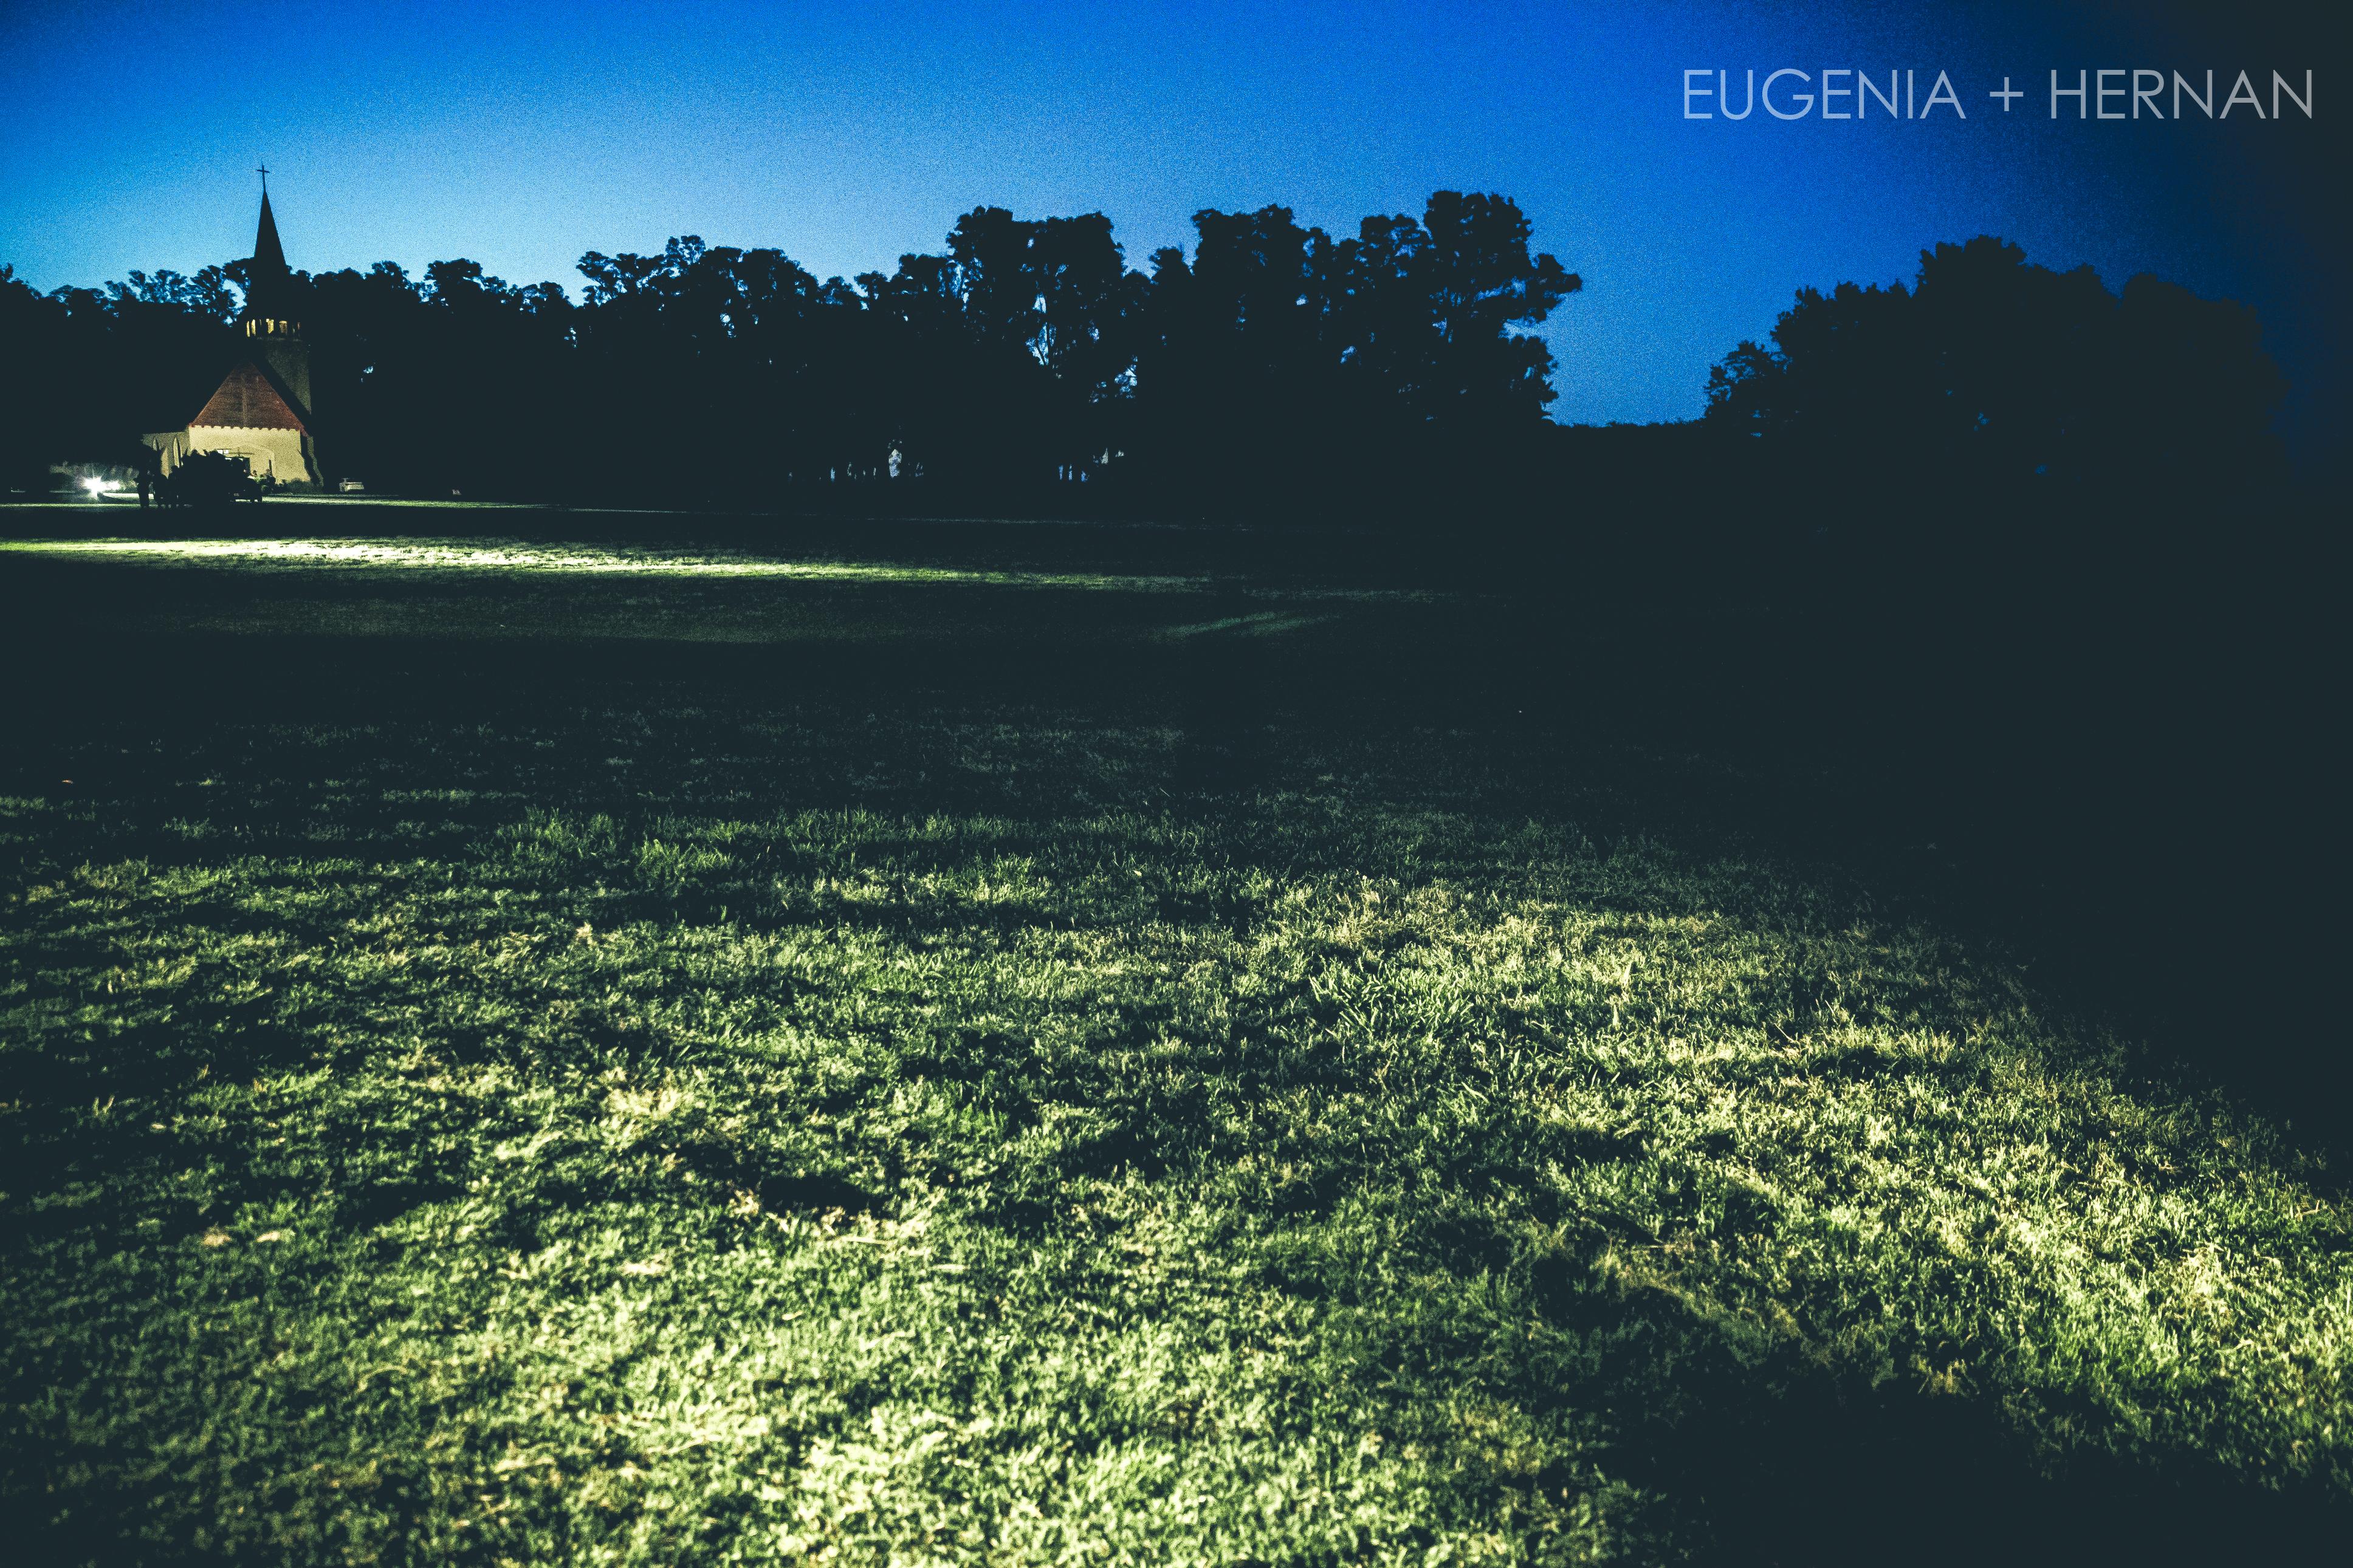 EUGENIA + HERNAN